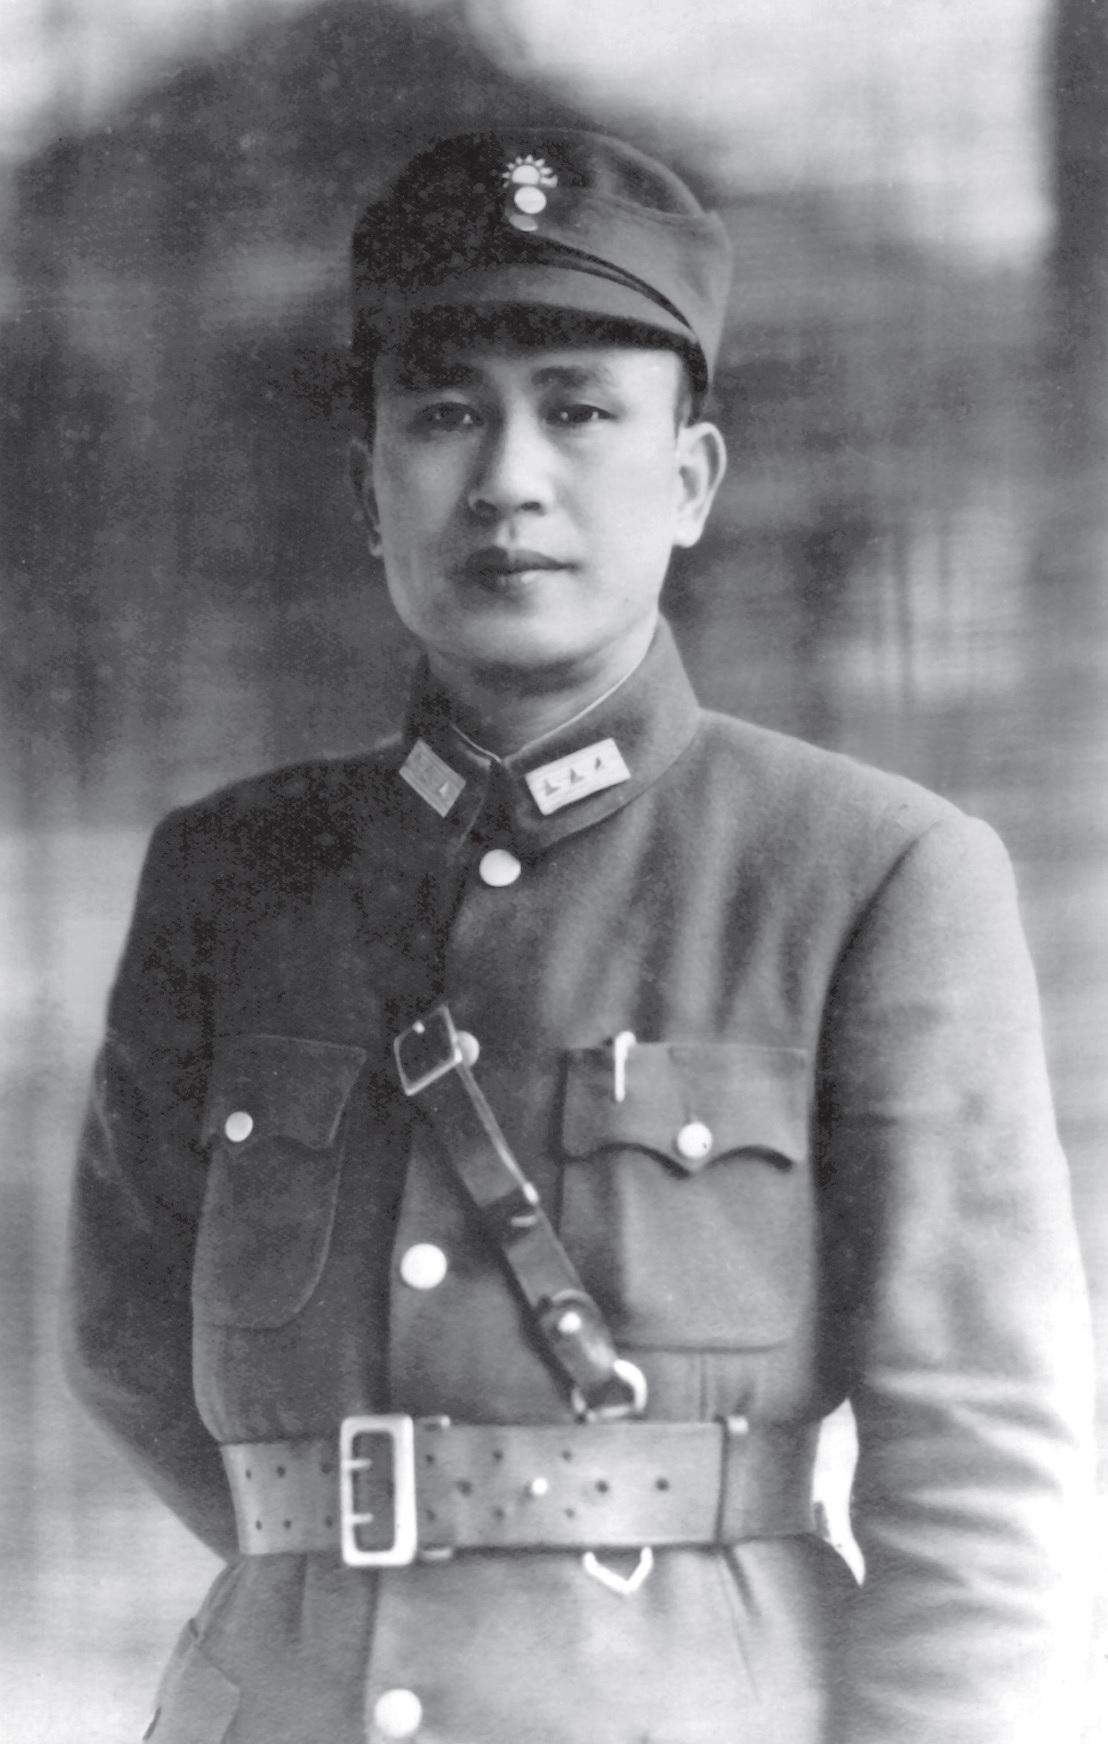 抗日戰爭爆發初期,日本報紙稱父親為「戰神」。照片提供:白先勇